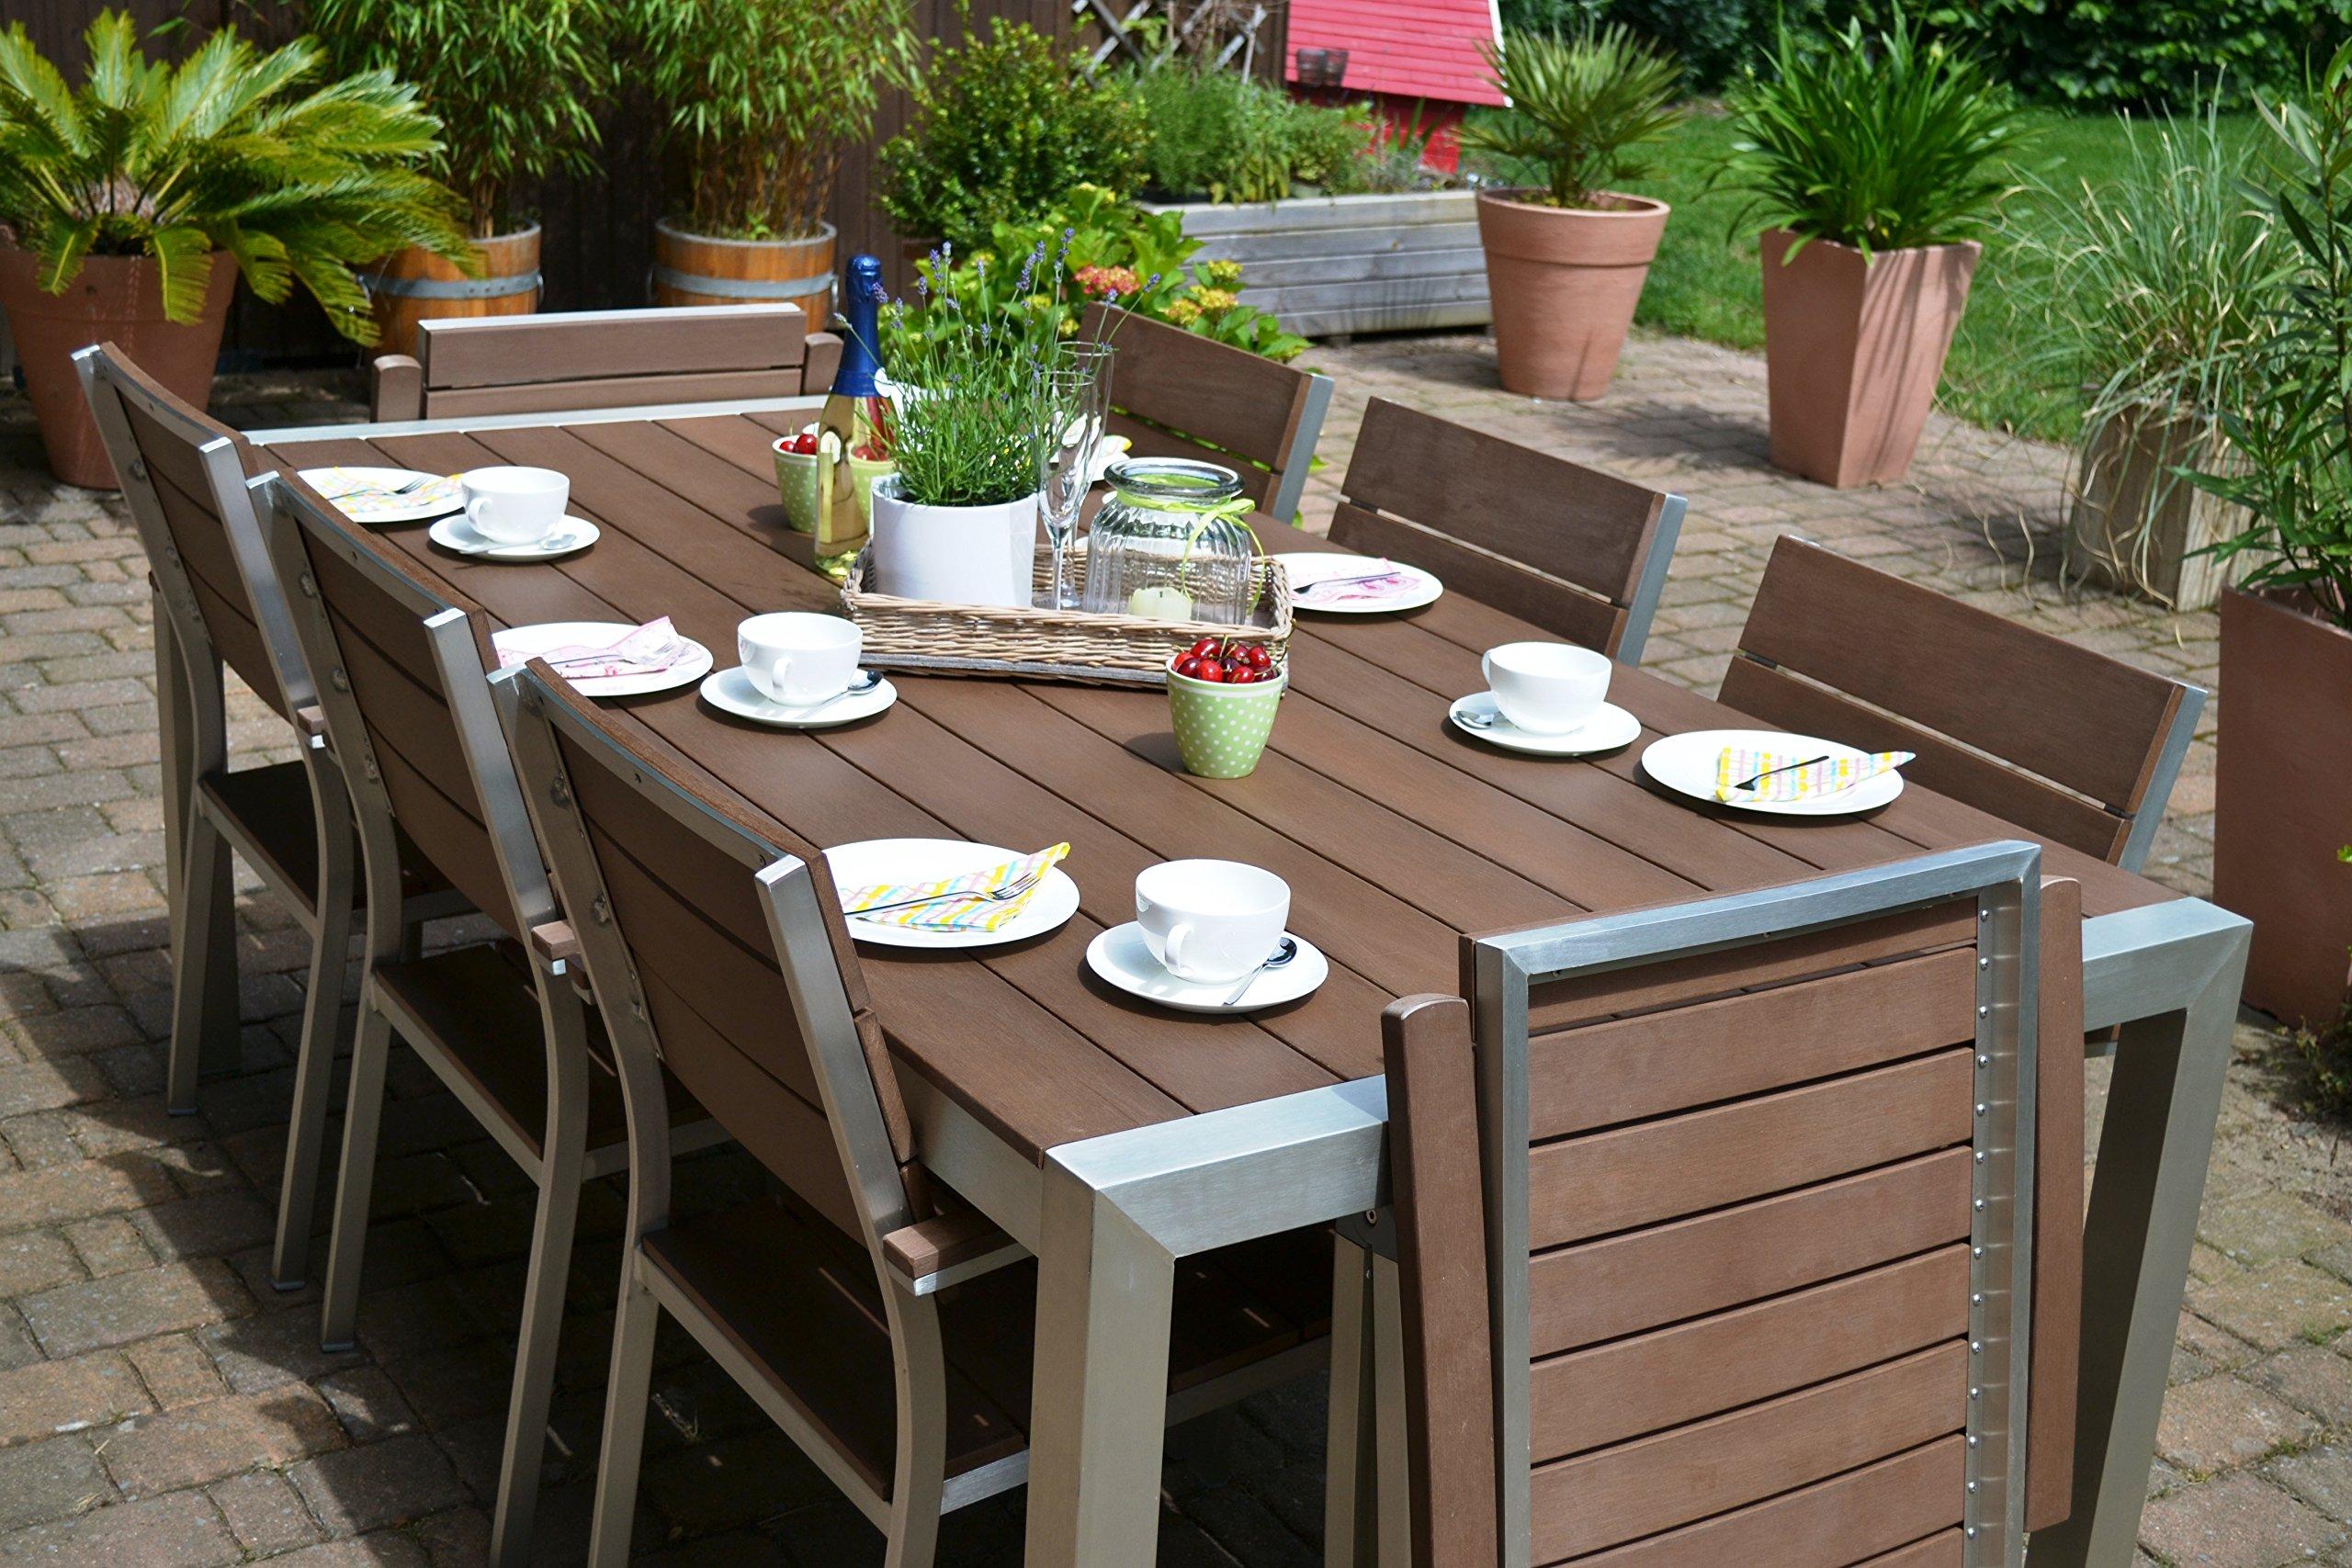 Bomey Muebles de Jardín Miami Mesa 200 x 100 + 6 sillas apilables y 2 con Respaldo Alto 8 Personas Madera Oscuro, polywood y Aluminio Recubierto de Acero Inoxidable: Amazon.es: Jardín